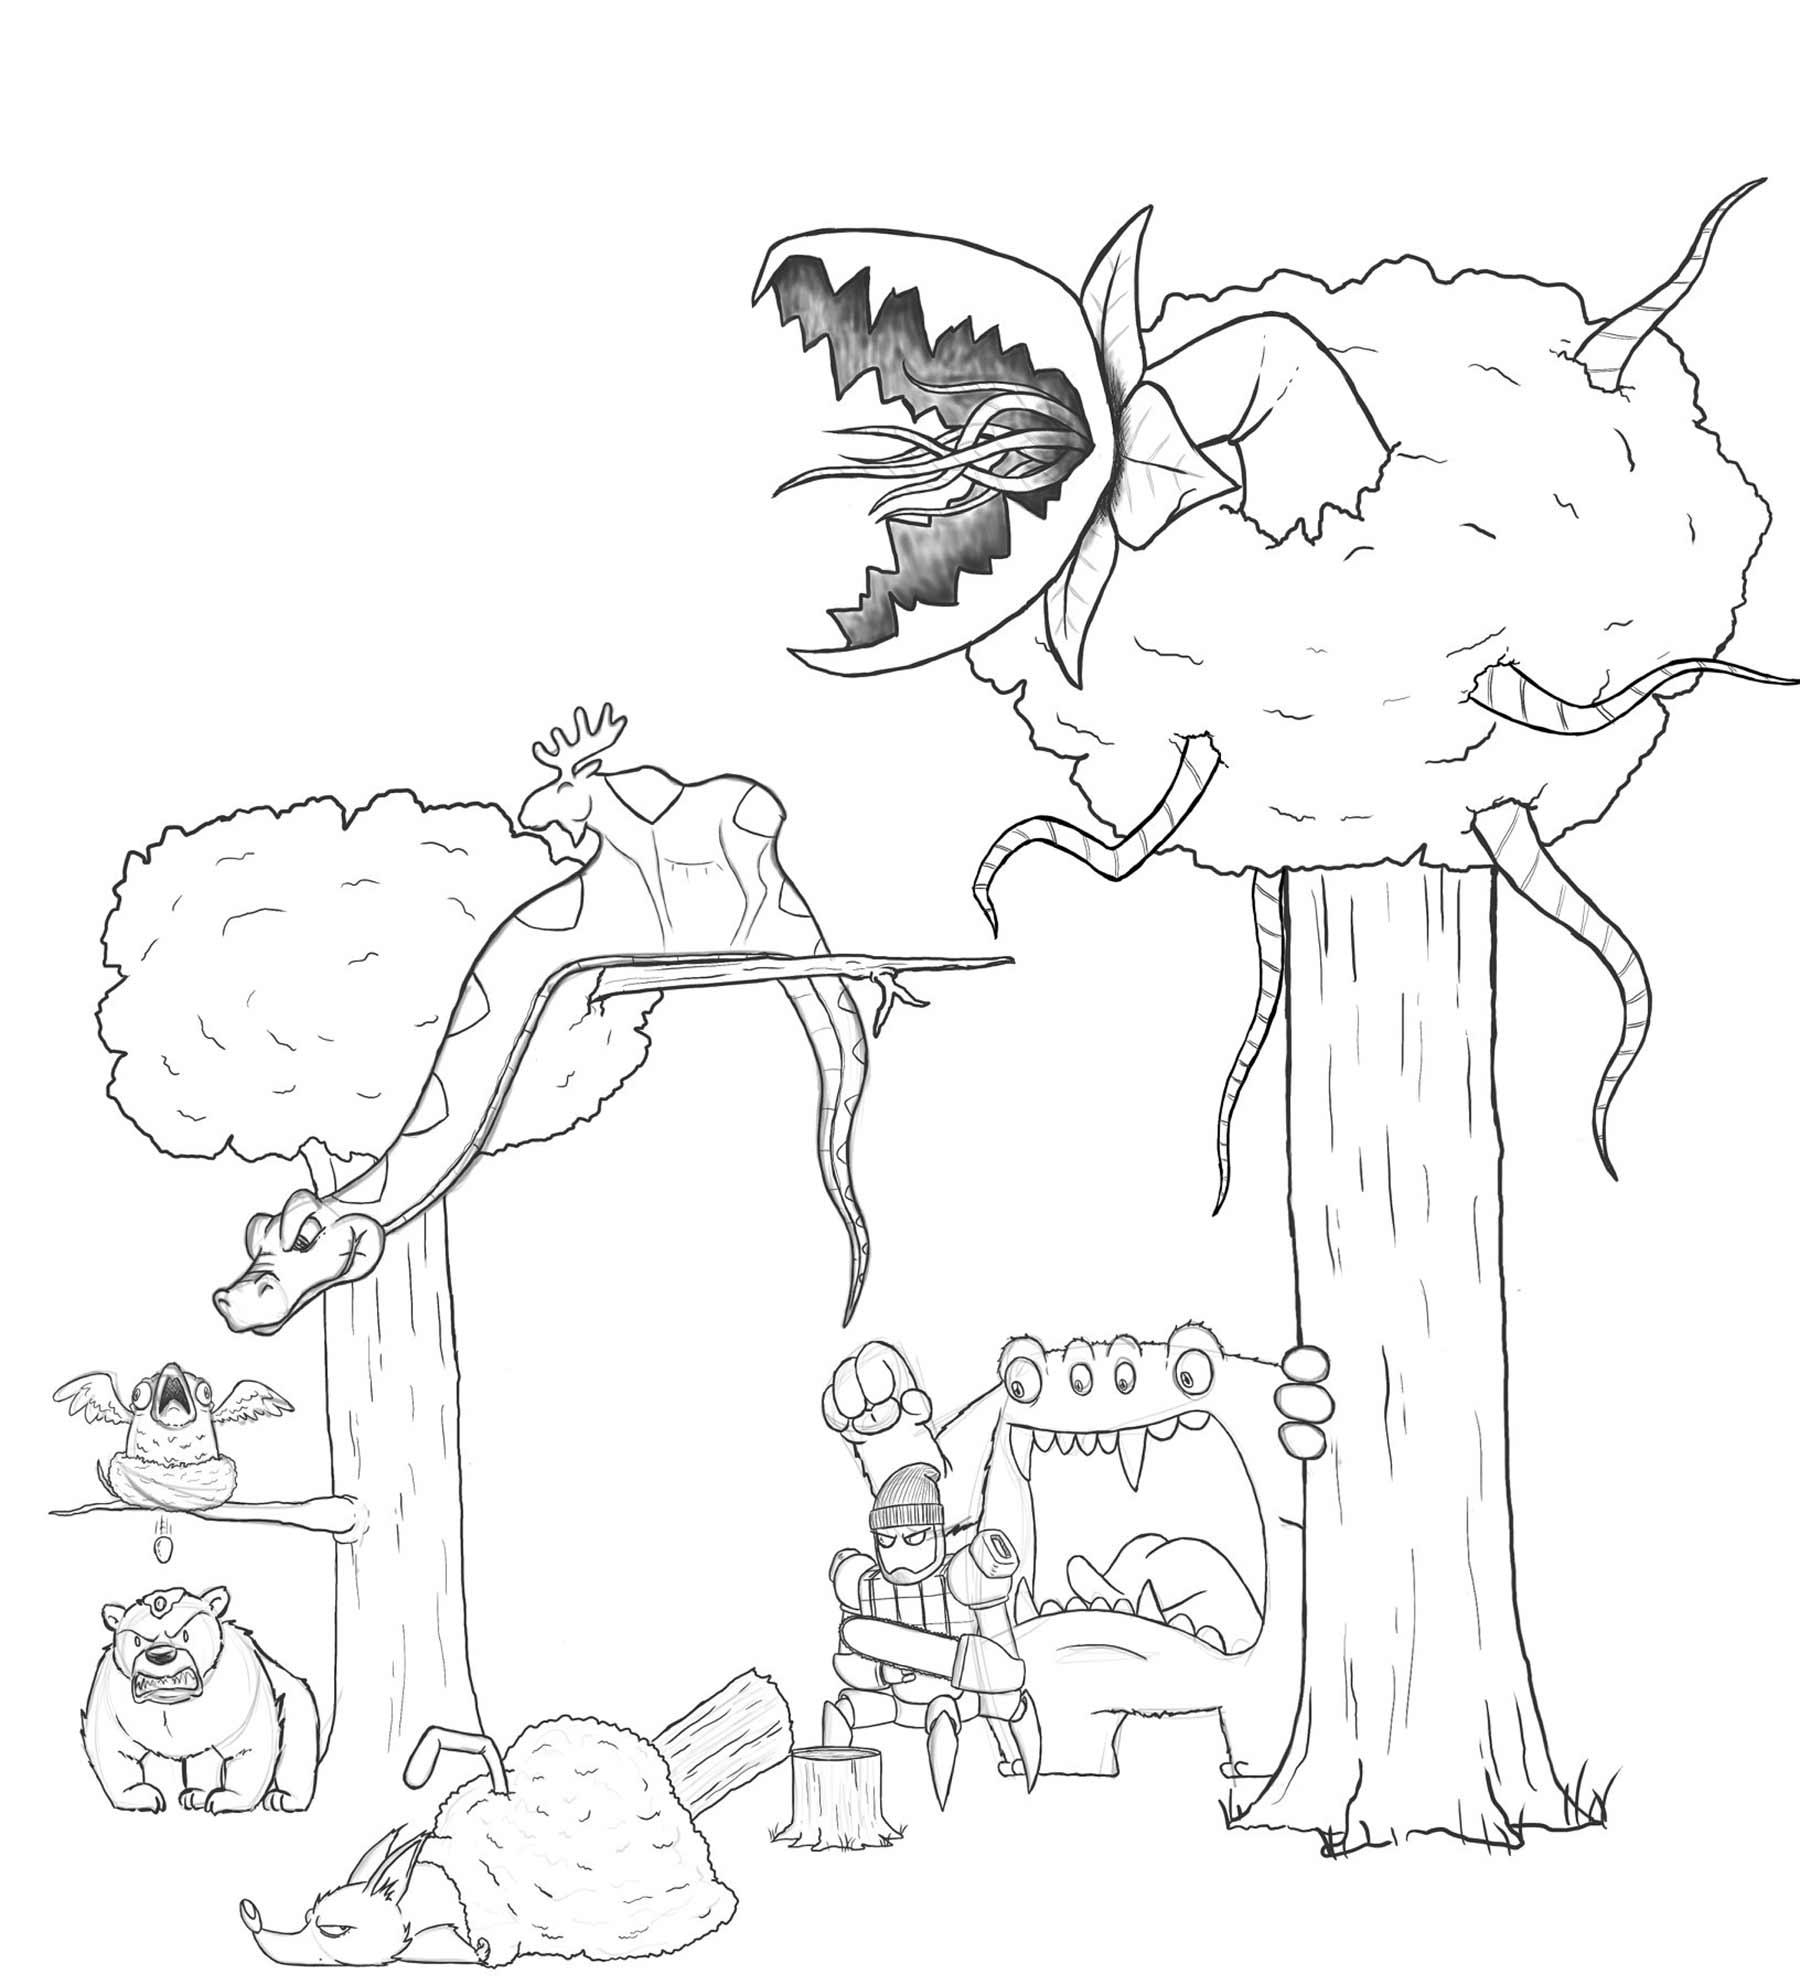 Eric Keledjian hat dieser Zeichnung jeden Tag eine Figur hinzugefügt Eric-Keledjian_19-tage-zeichnung_08